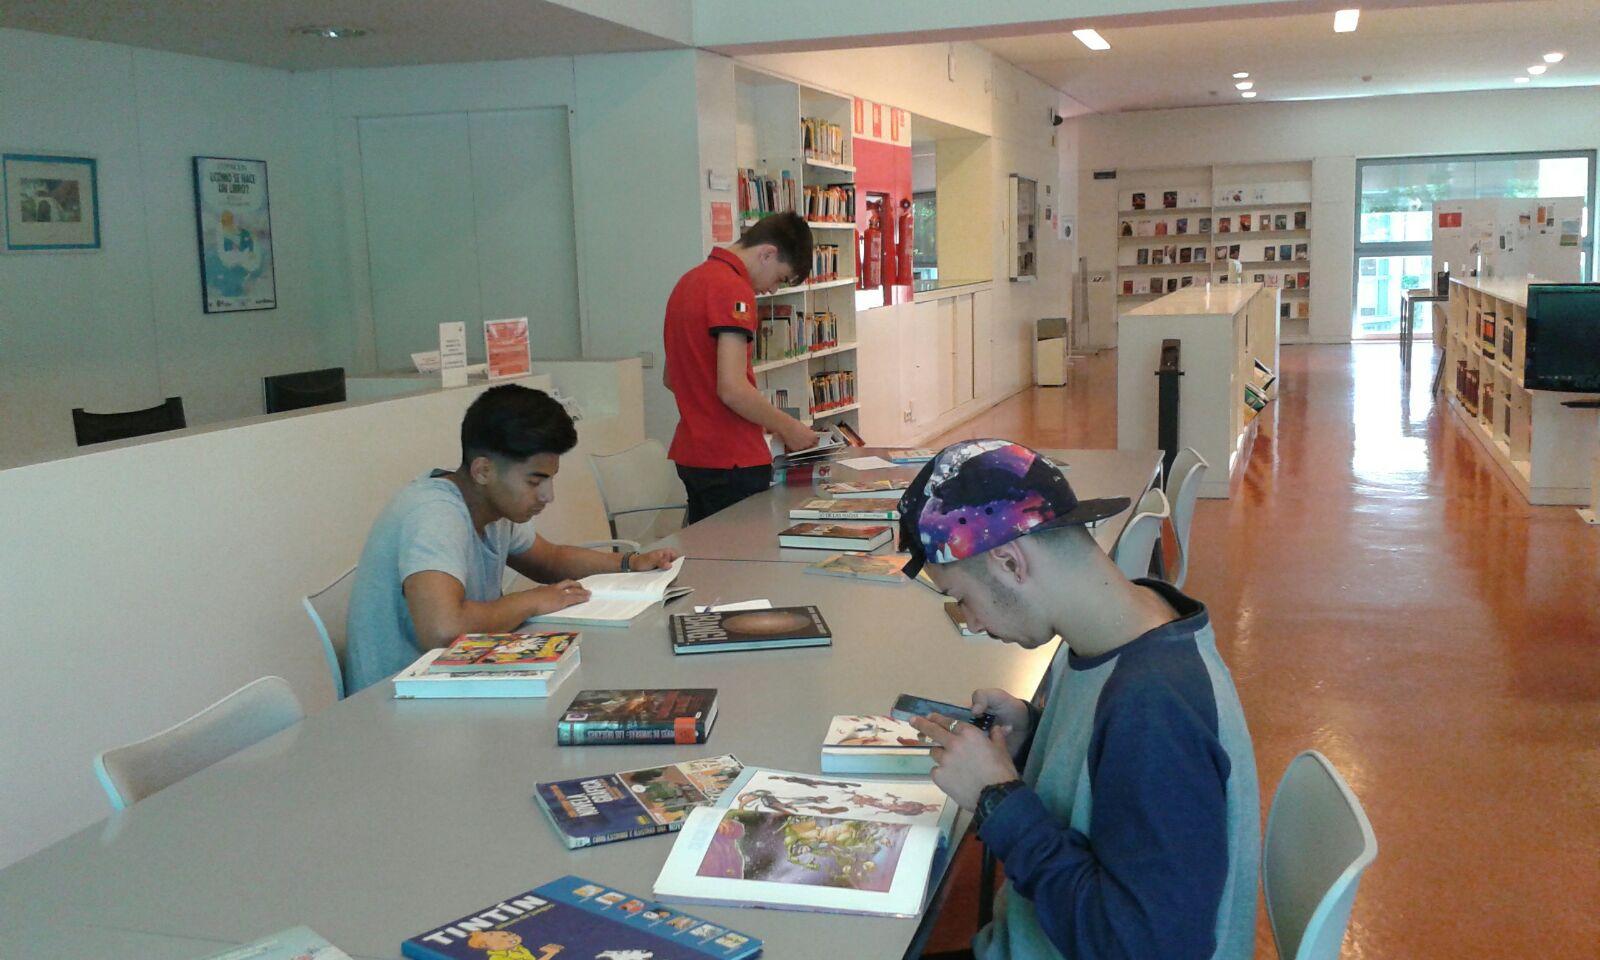 Formación Profesional Básica. Visita a la Biblioteca Infanta Elena de Sevilla. Abril 2016